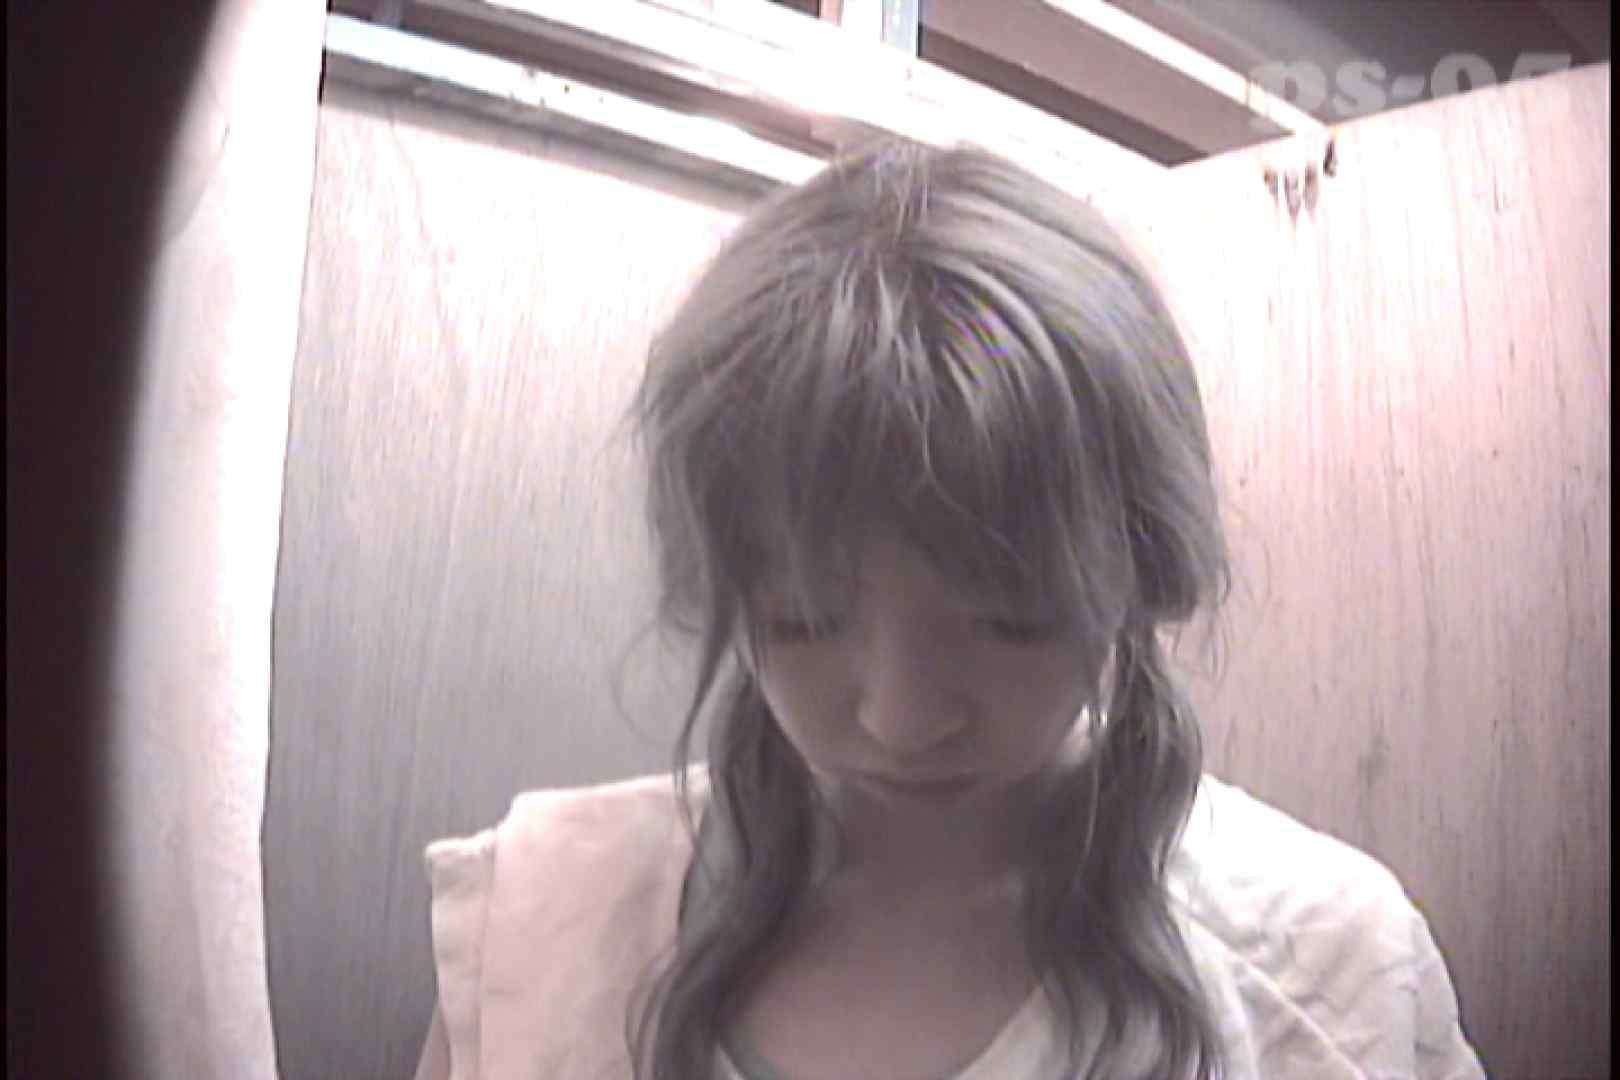 File.37 収穫の秋、こんなの取れました。必見です!【2011年20位】 脱衣所の着替え のぞき動画キャプチャ 97画像 5